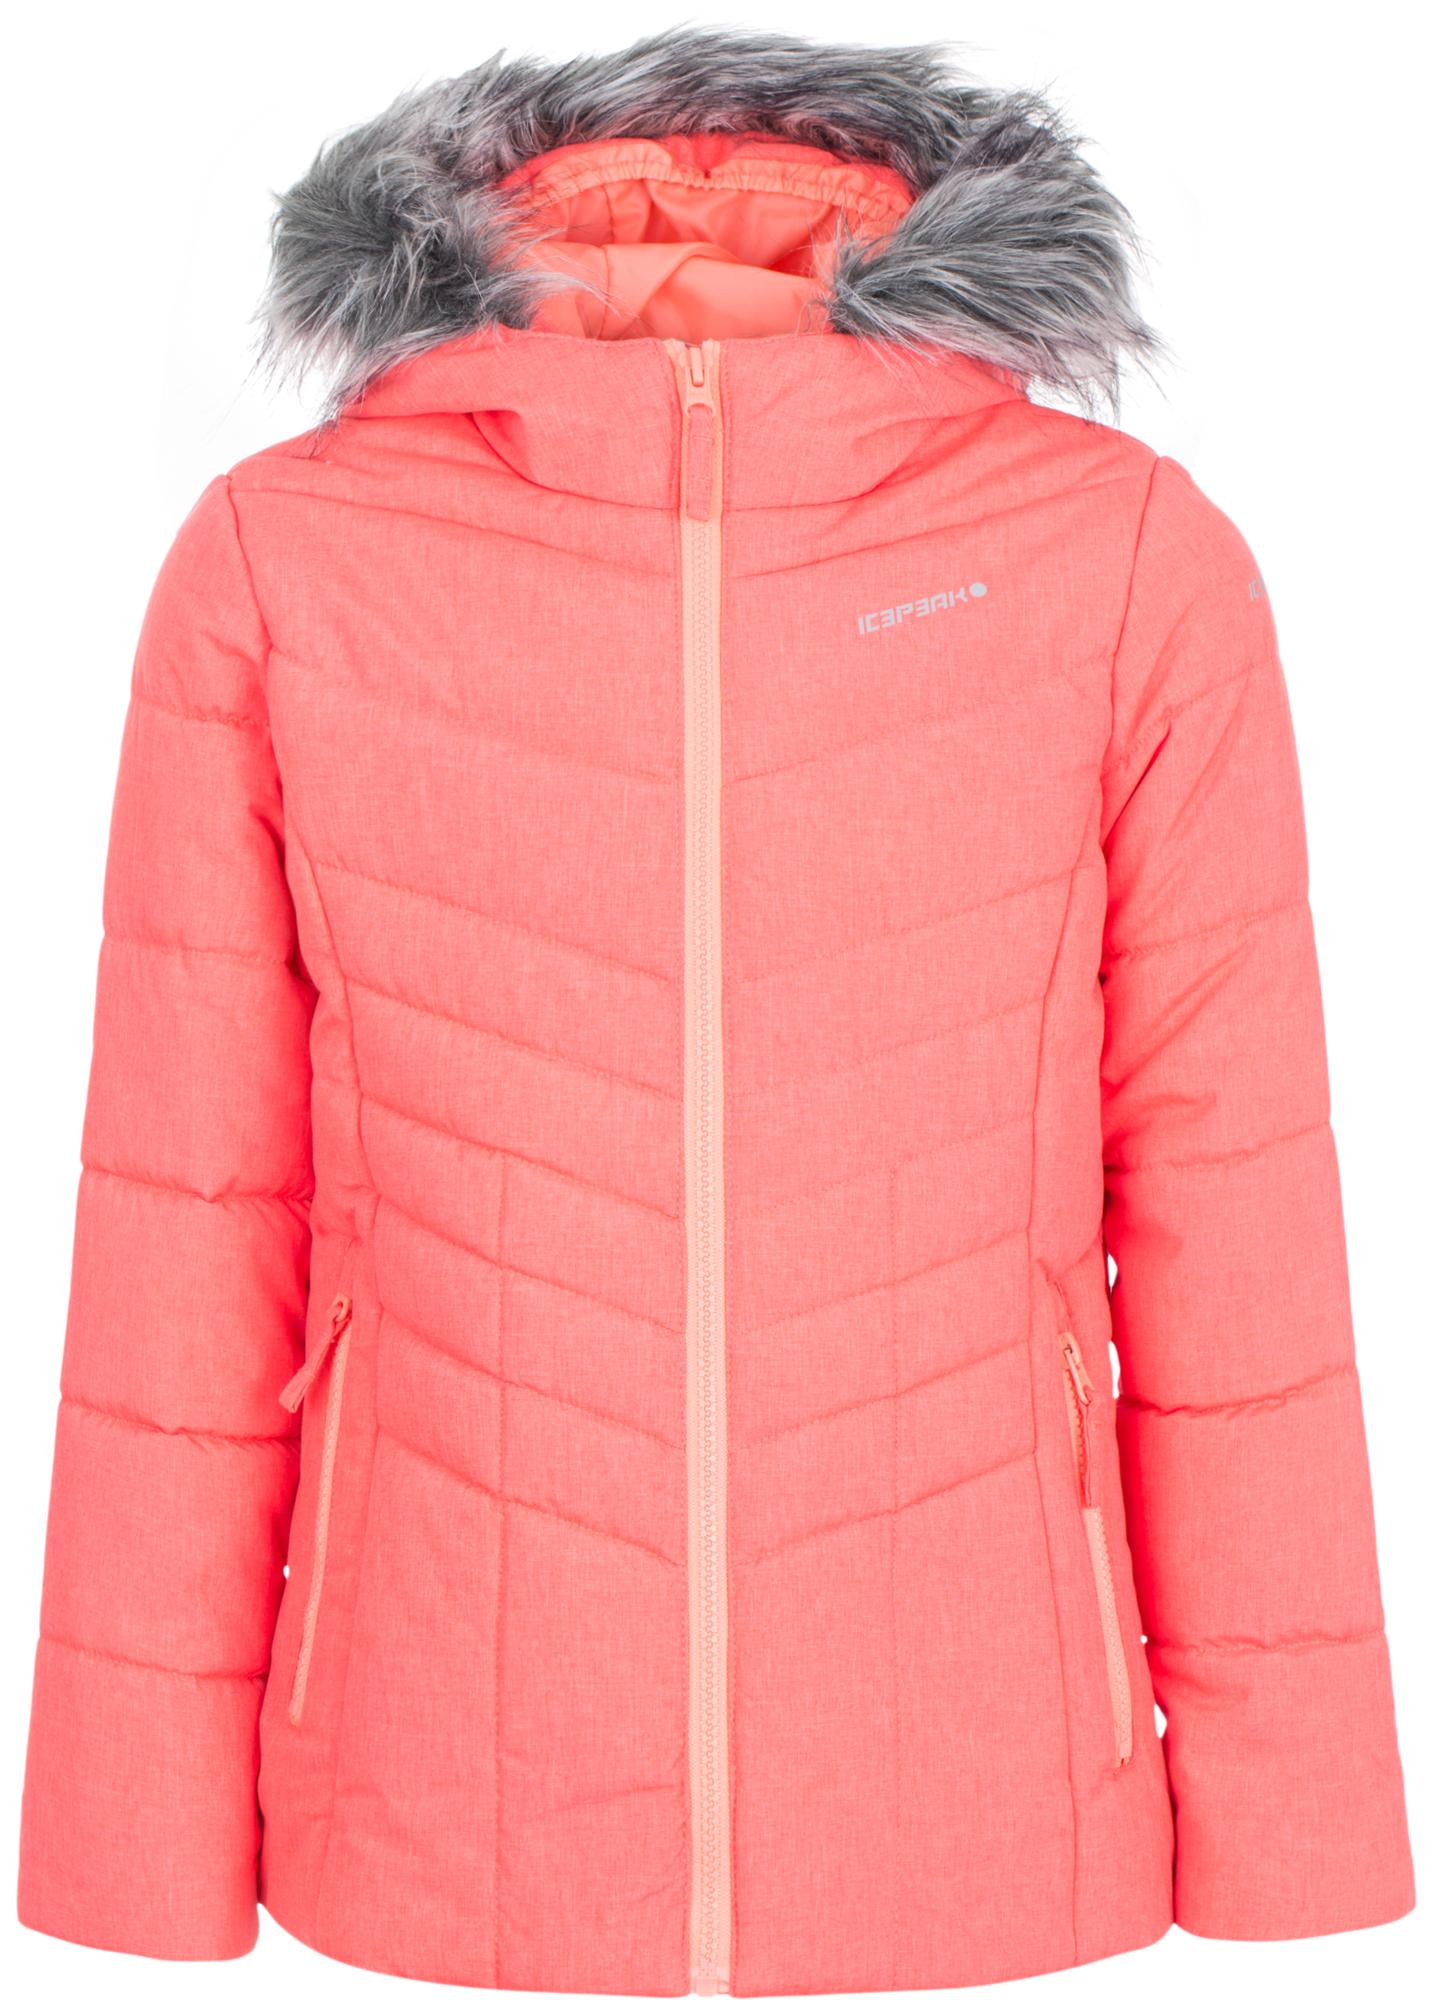 IcePeak Куртка утепленная для девочек IcePeak Rila icepeak ic647egrxn51